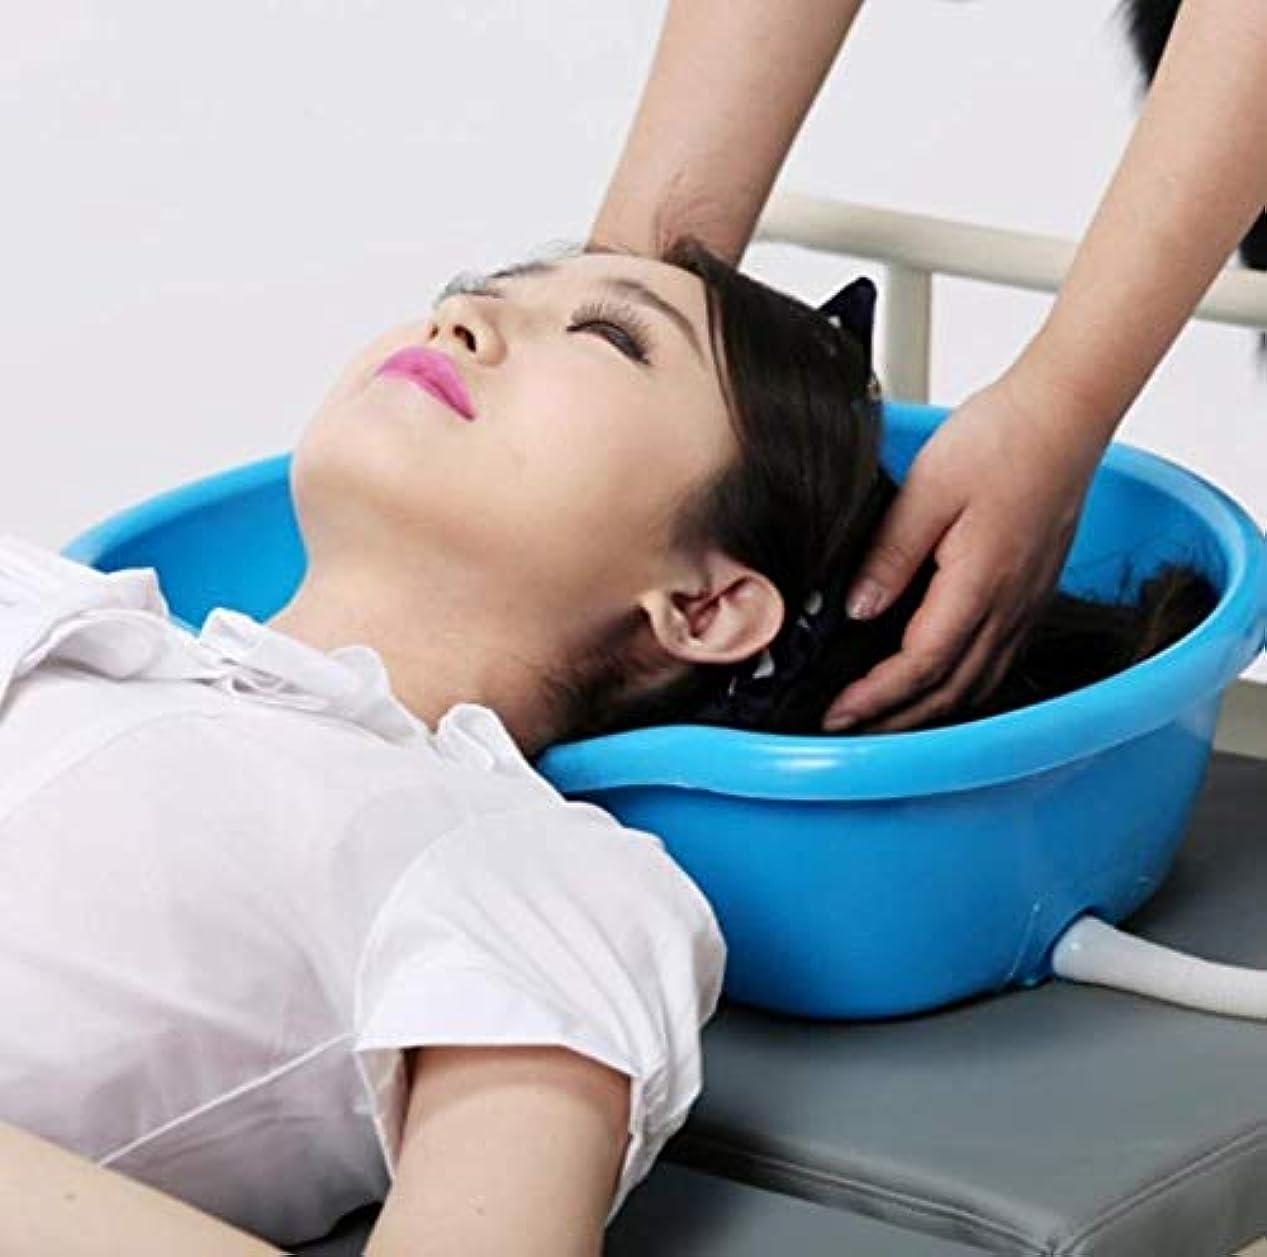 マイナス天の忠実ベッドシャンプー洗面器、医療用髪洗面器プラスチック、障害者、ハンディキャップ、高齢者、患者寝たきり用の洗面器トレイを厚くする